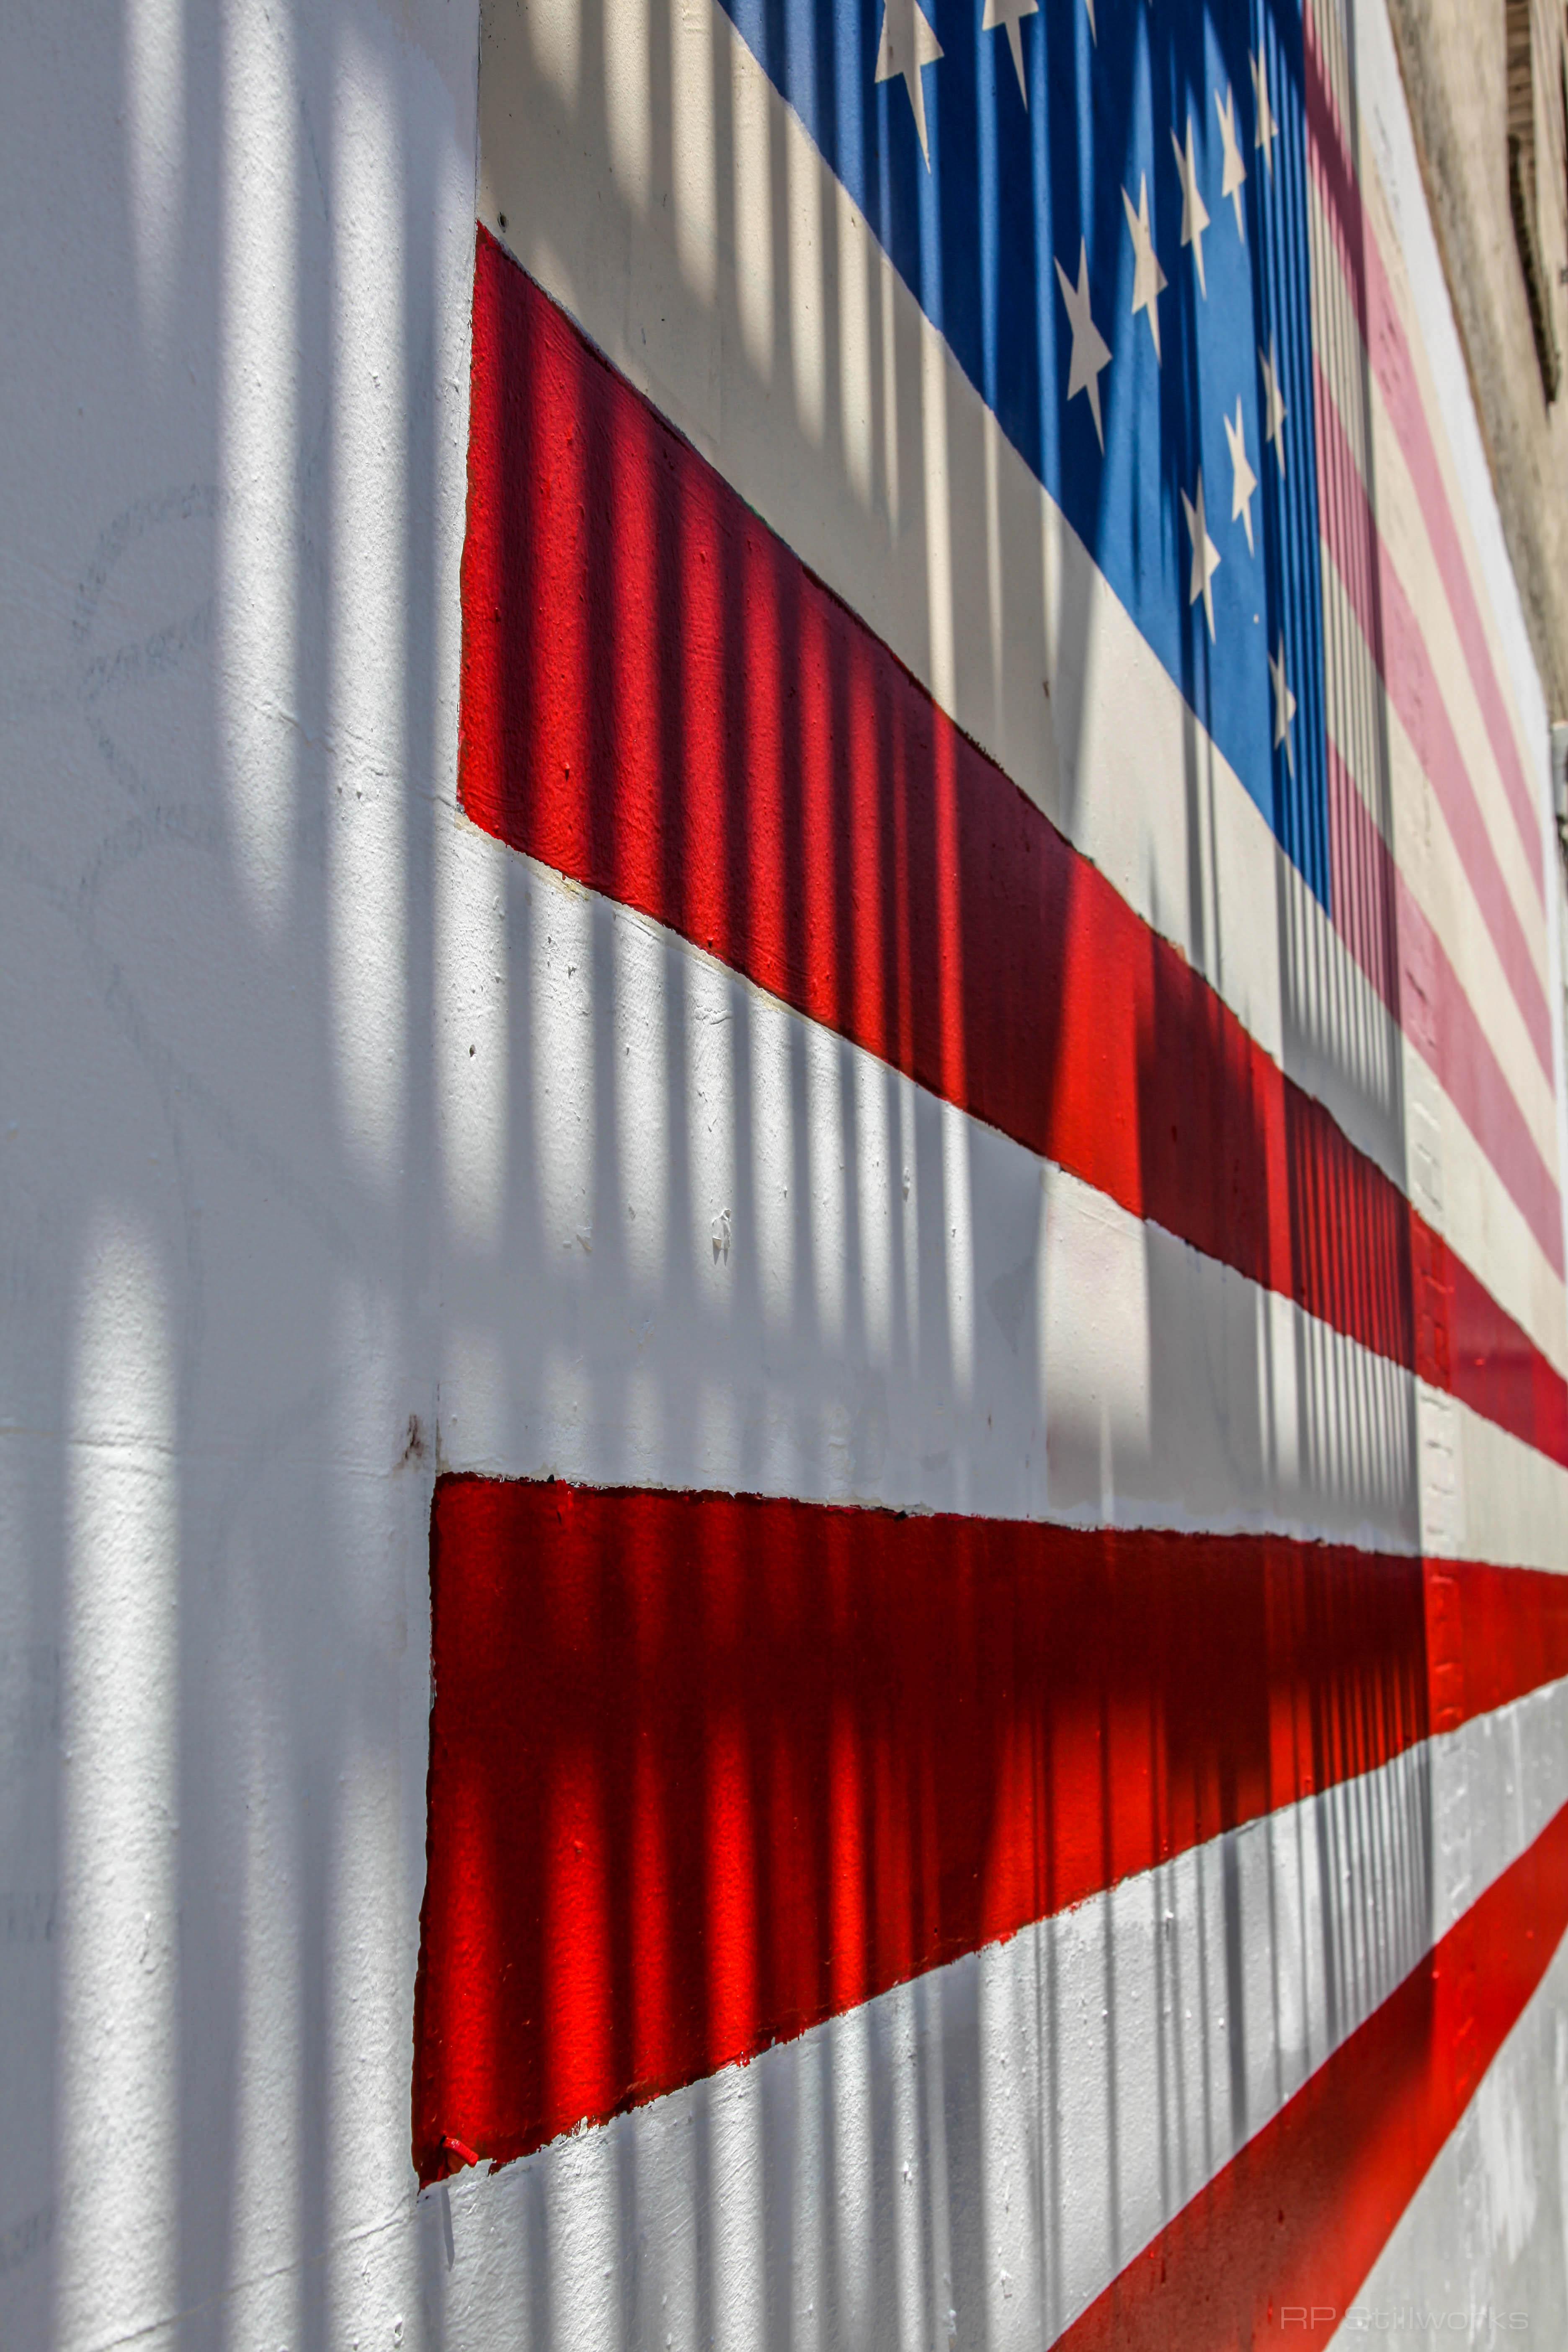 Spangled Banner